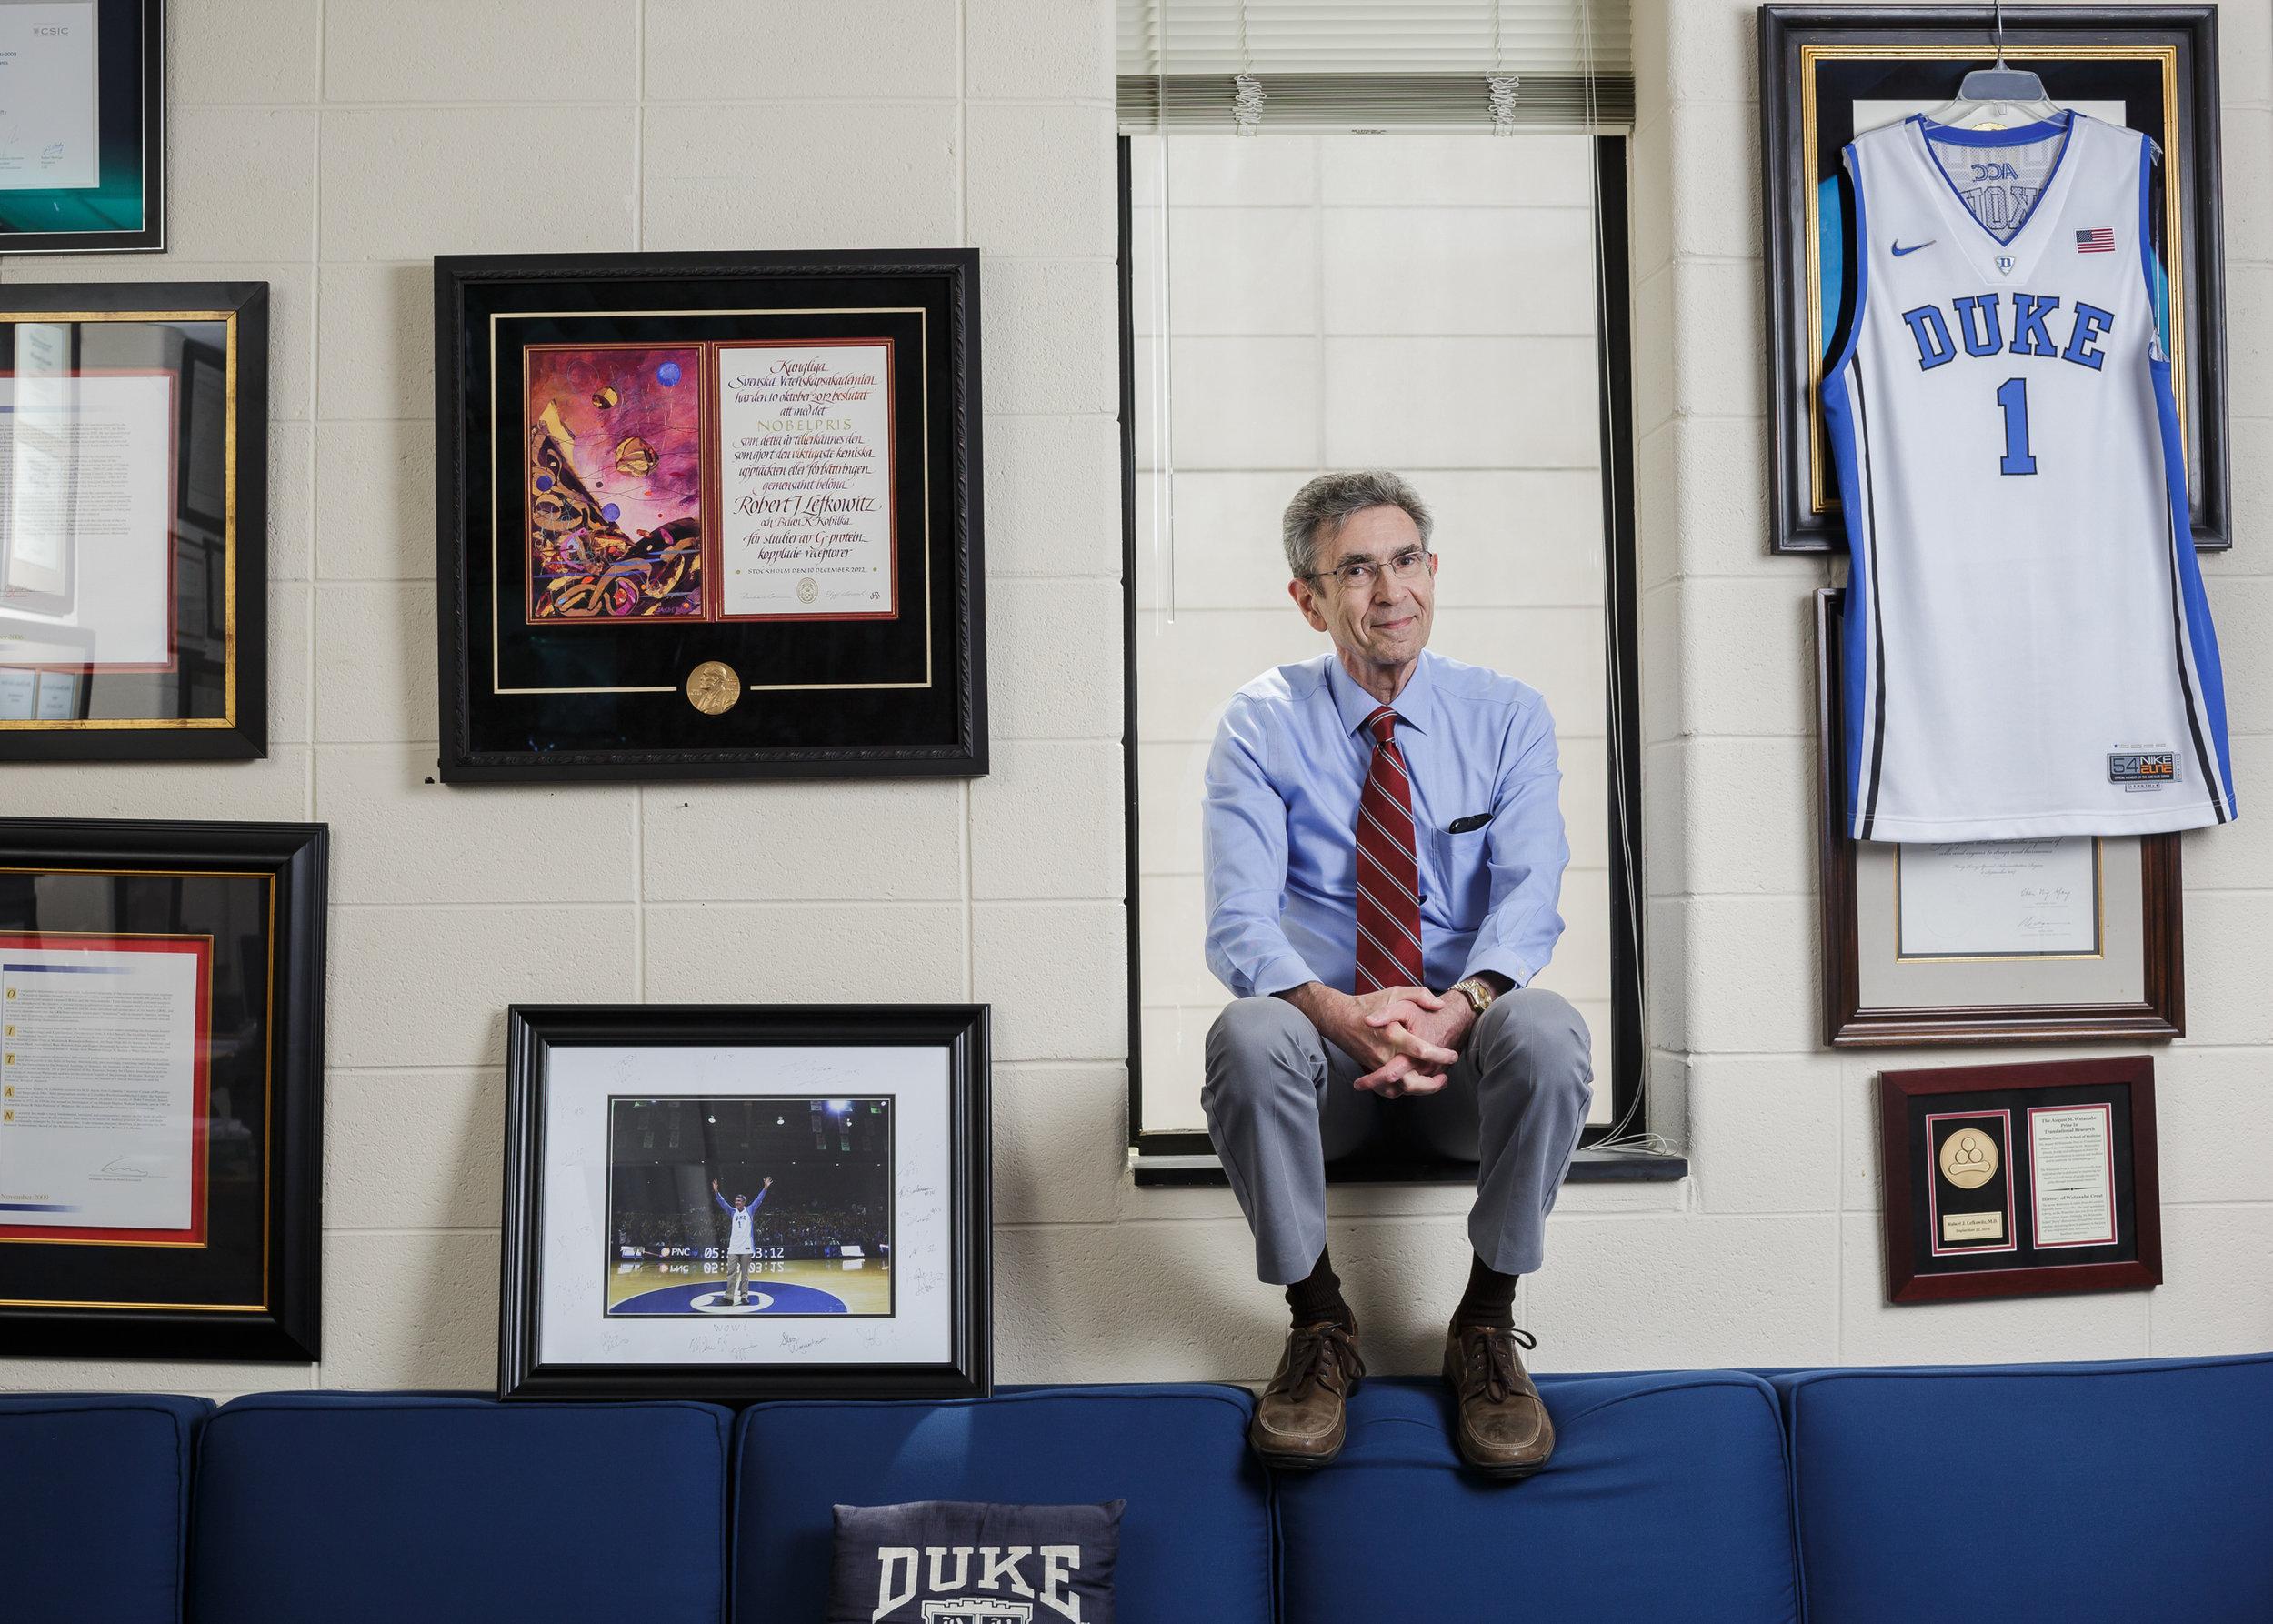 Dr. Robert Lefkowitz, M.D., James B. Duke Professor of Medicine at Duke University and 2012 Nobel Prize winner in chemistry. For Duke University.